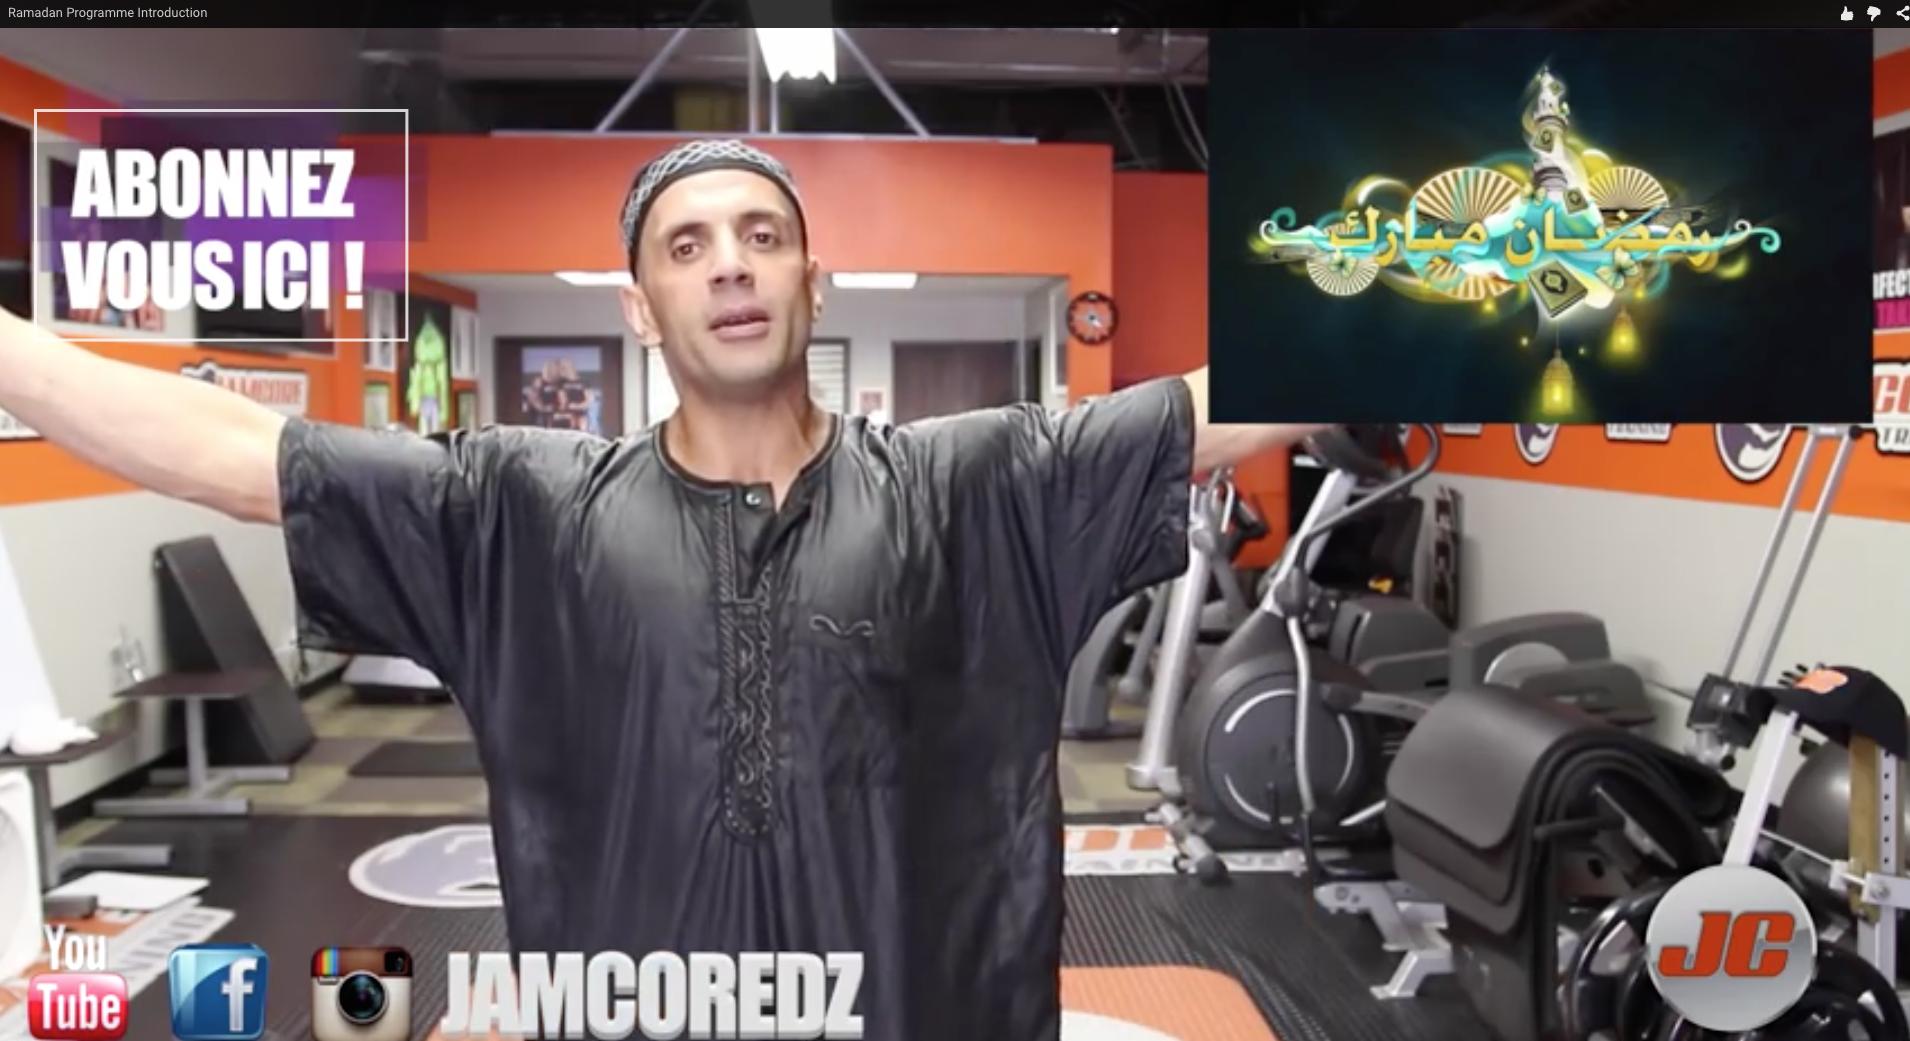 Le Ramadan et les conseils des différents Youtubeurs